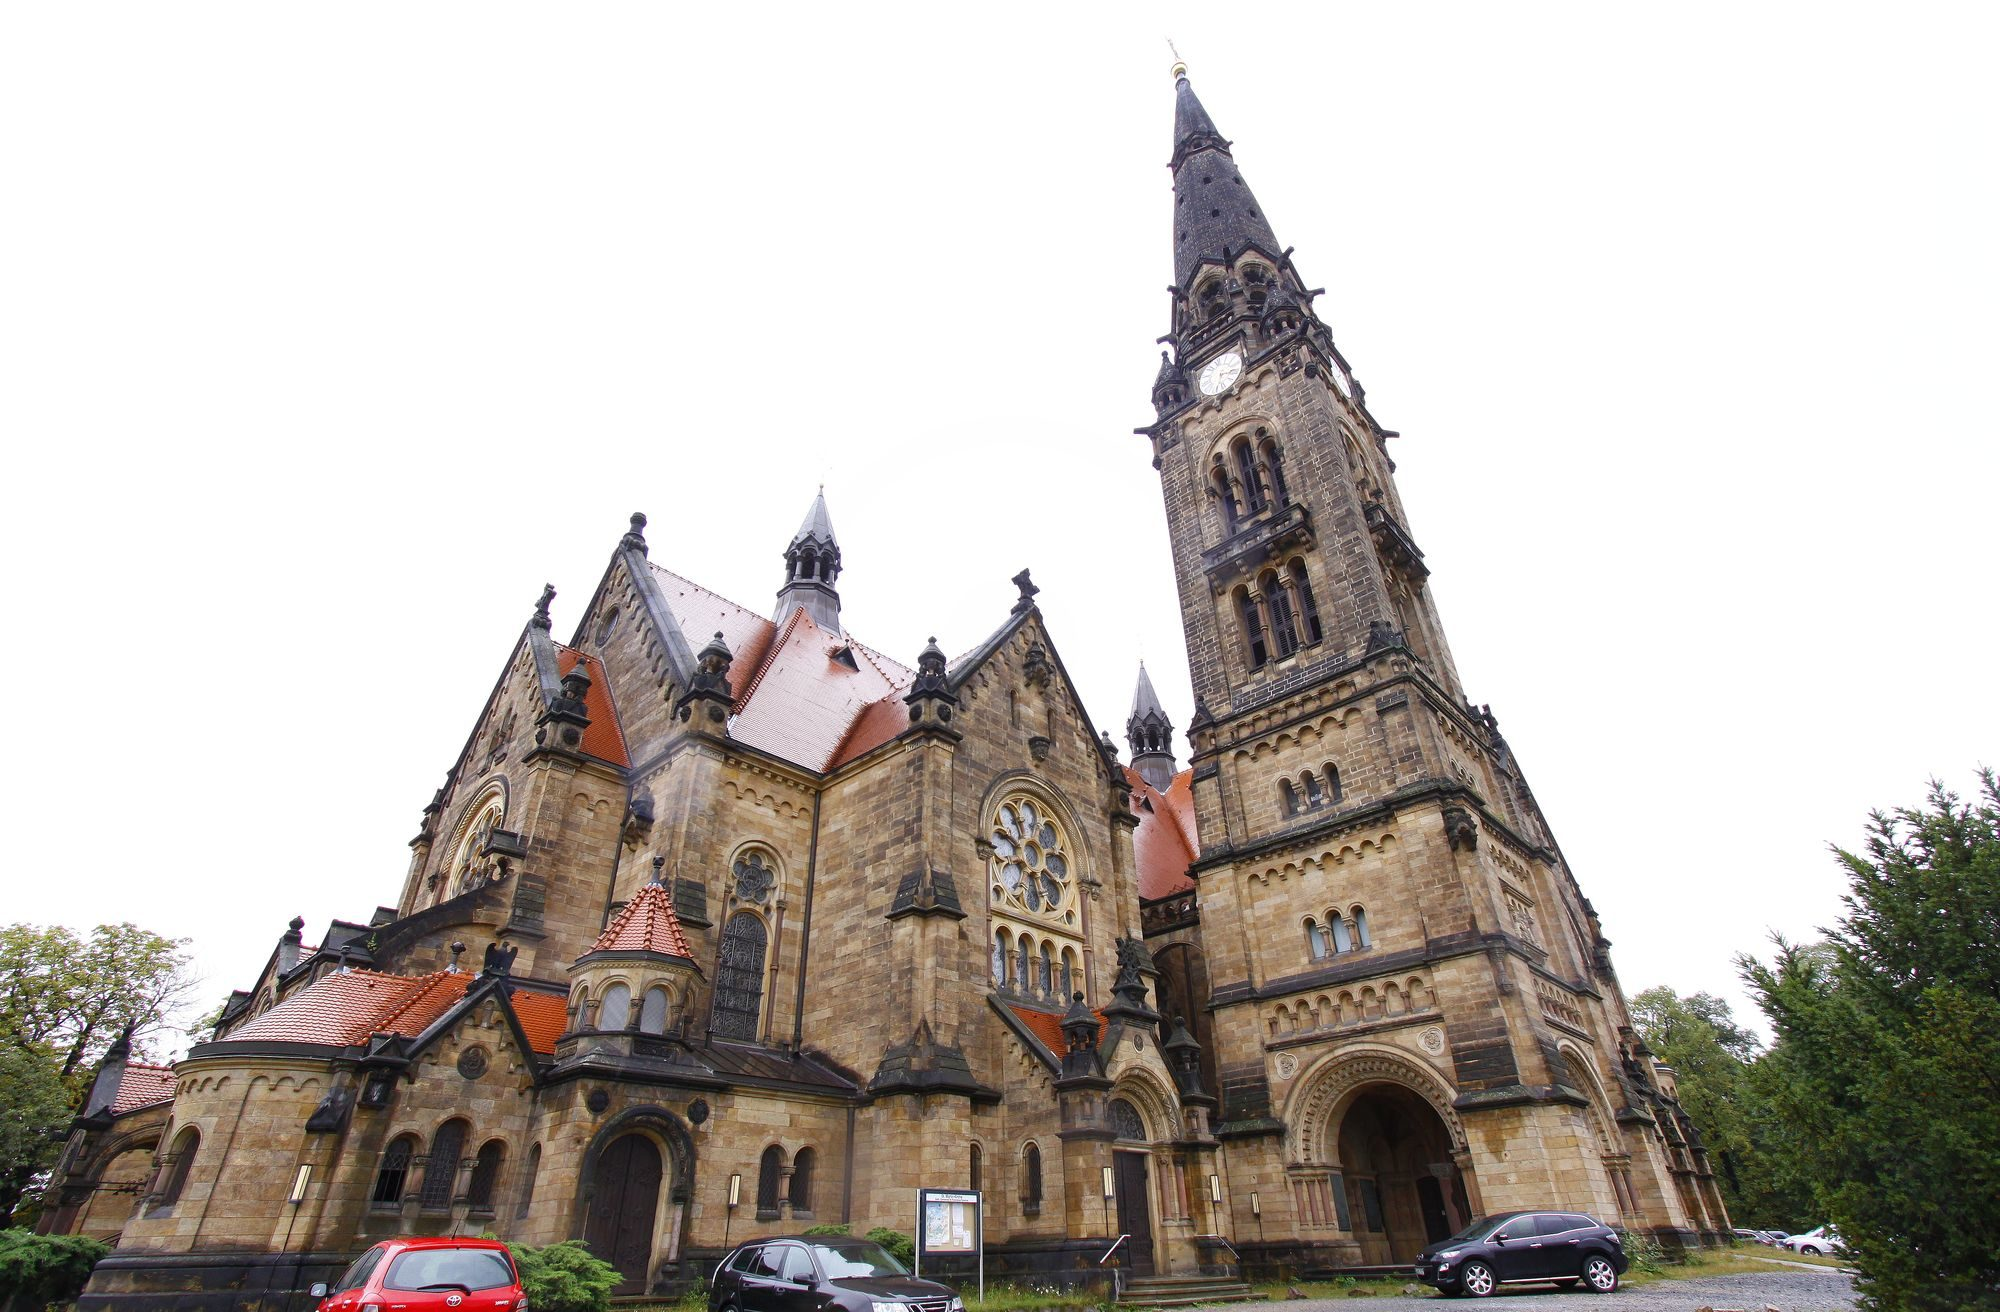 Die Kirche ist überwiegend im klassizistischen Stil errichtet. Foto: Archiv/Youssef Safwan